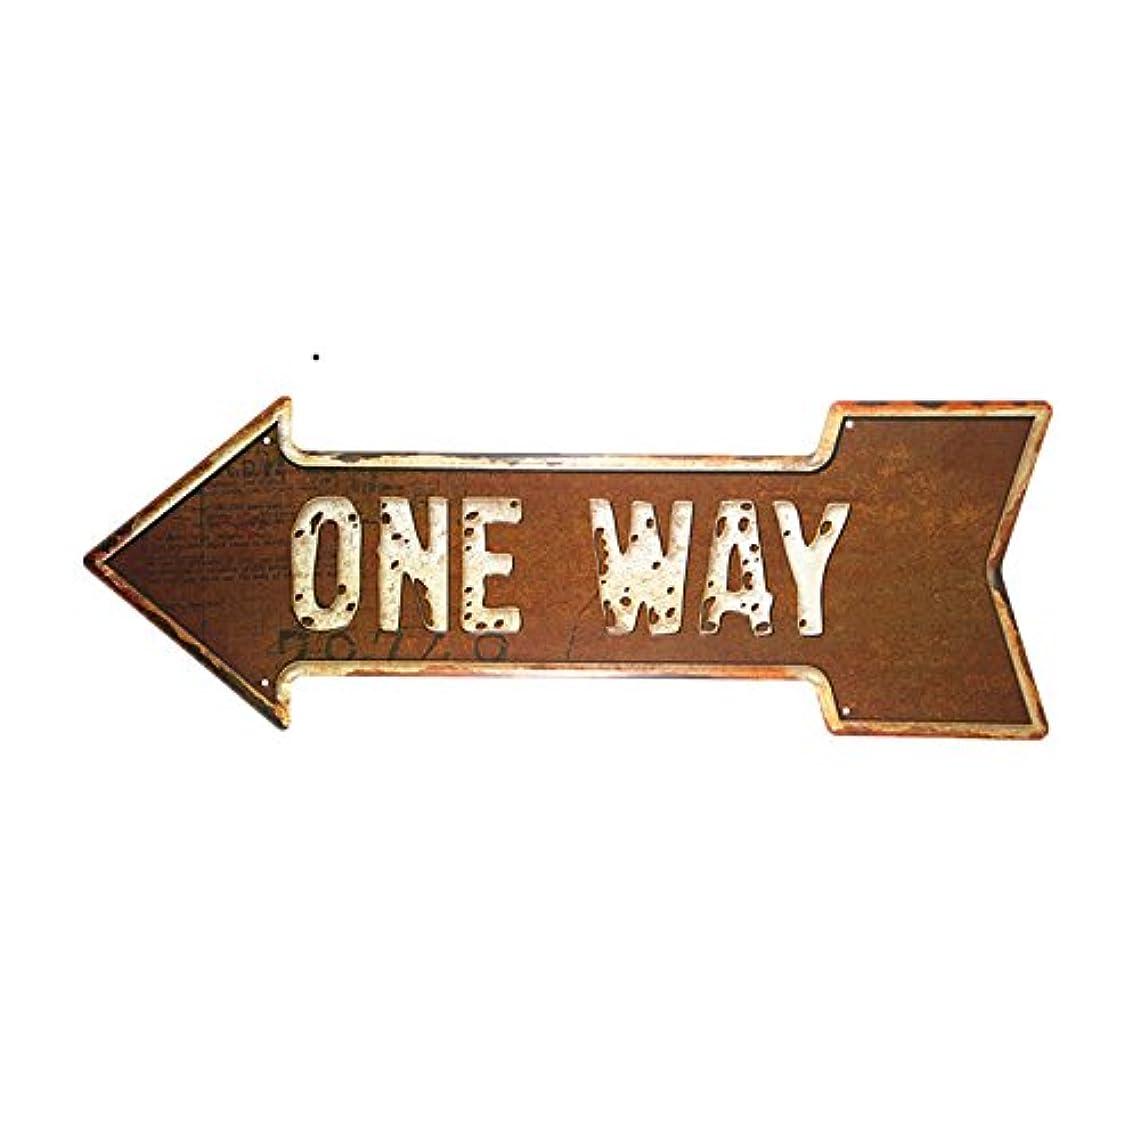 理想的には途方もないバラエティDL-one way only way Originality tool poster iron painting Arrow signpost wall hangings